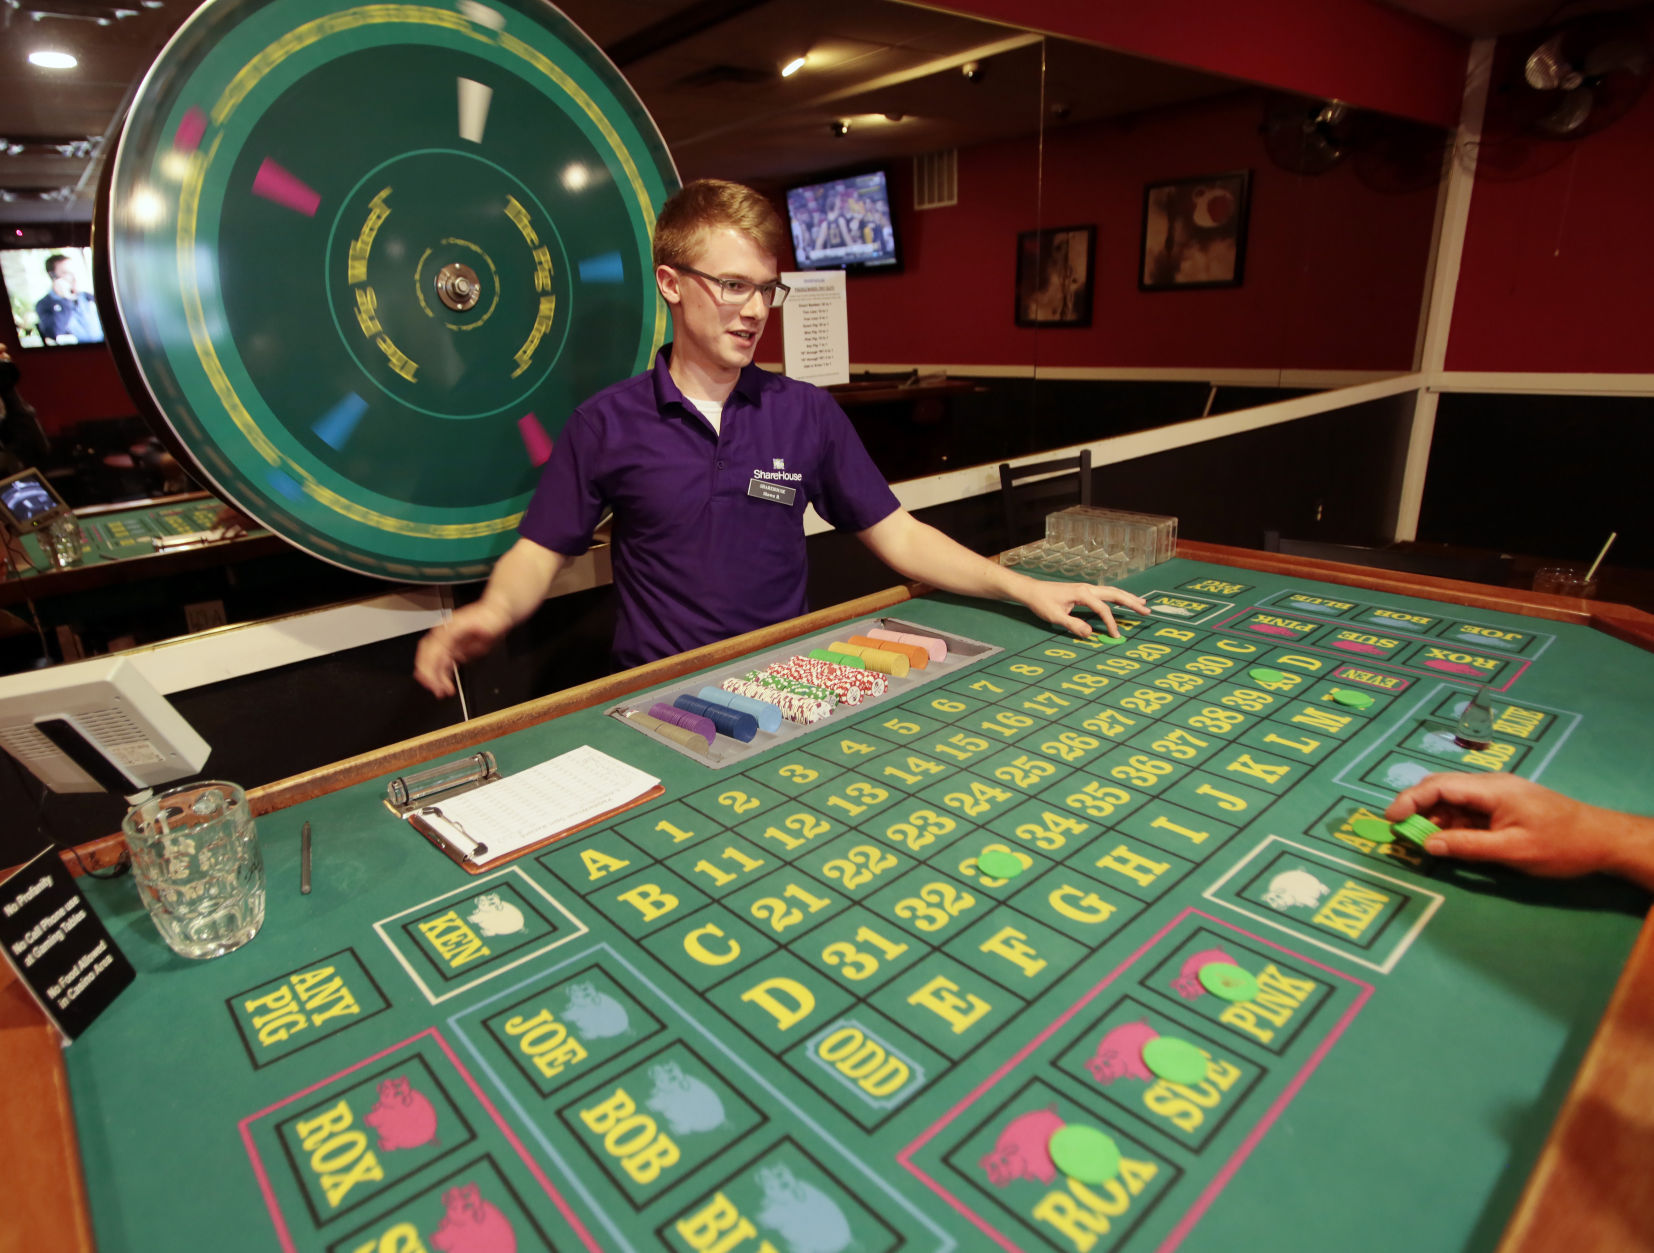 Gambling losses tax credit